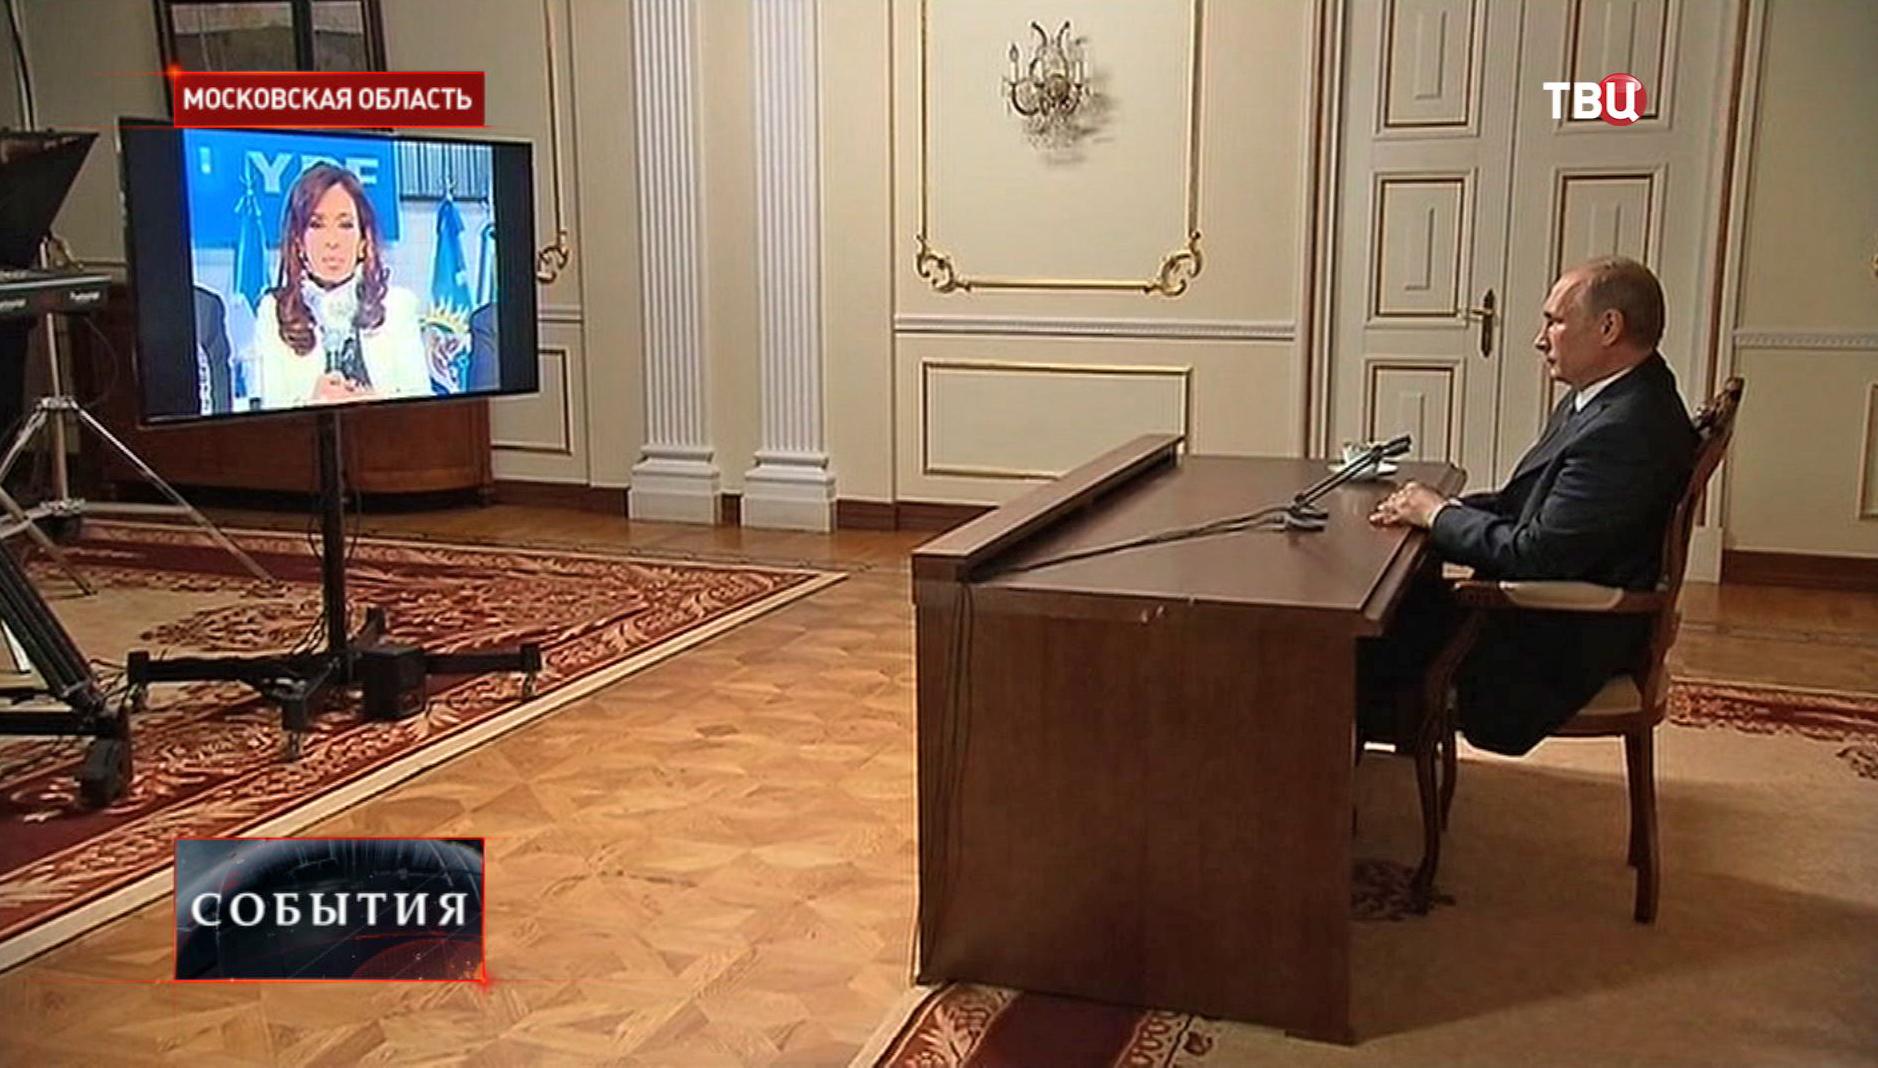 Владимир Путин и президент Аргентины Кристина Фернандес де Киршнер